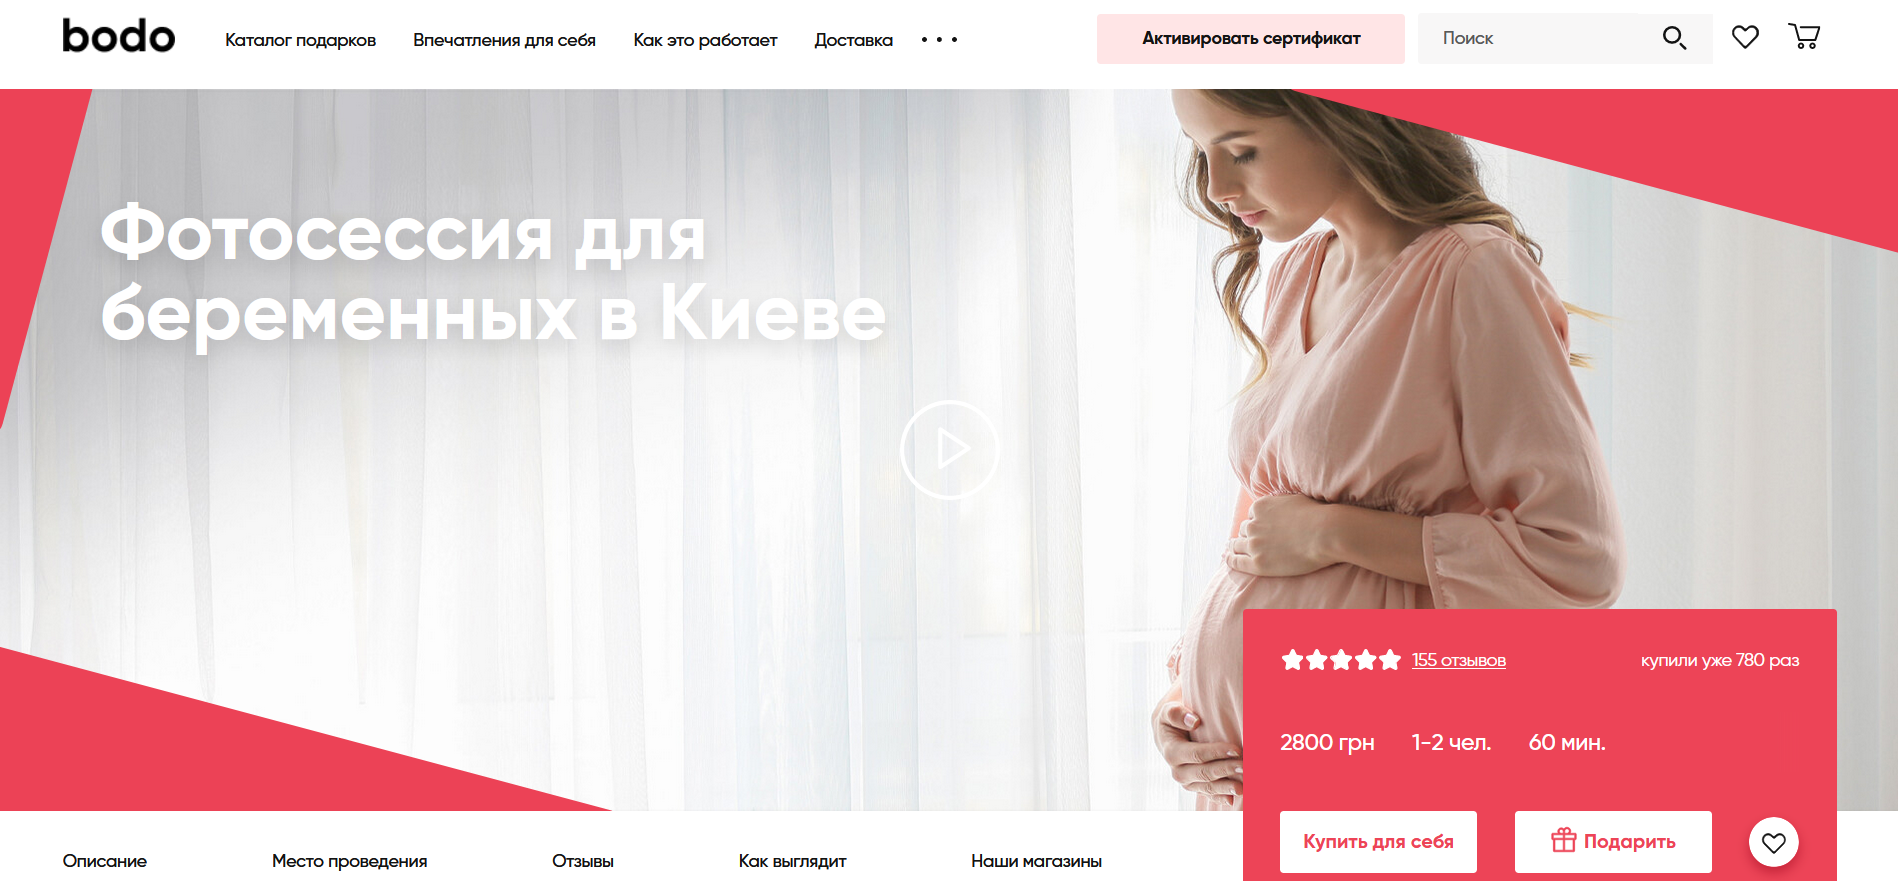 Пример правильно подготовленной посадочной страницы под поисковый запрос «фотосессия для беременных» на сайте bodo.ua. Уже по заголовку понятно, что вы попали в правильное место. Вы видите стоимость, а ниже – описание, как проходит фотосессия, примеры студийных фотографий беременных, отзывы клиентов, адреса студий и т. д.